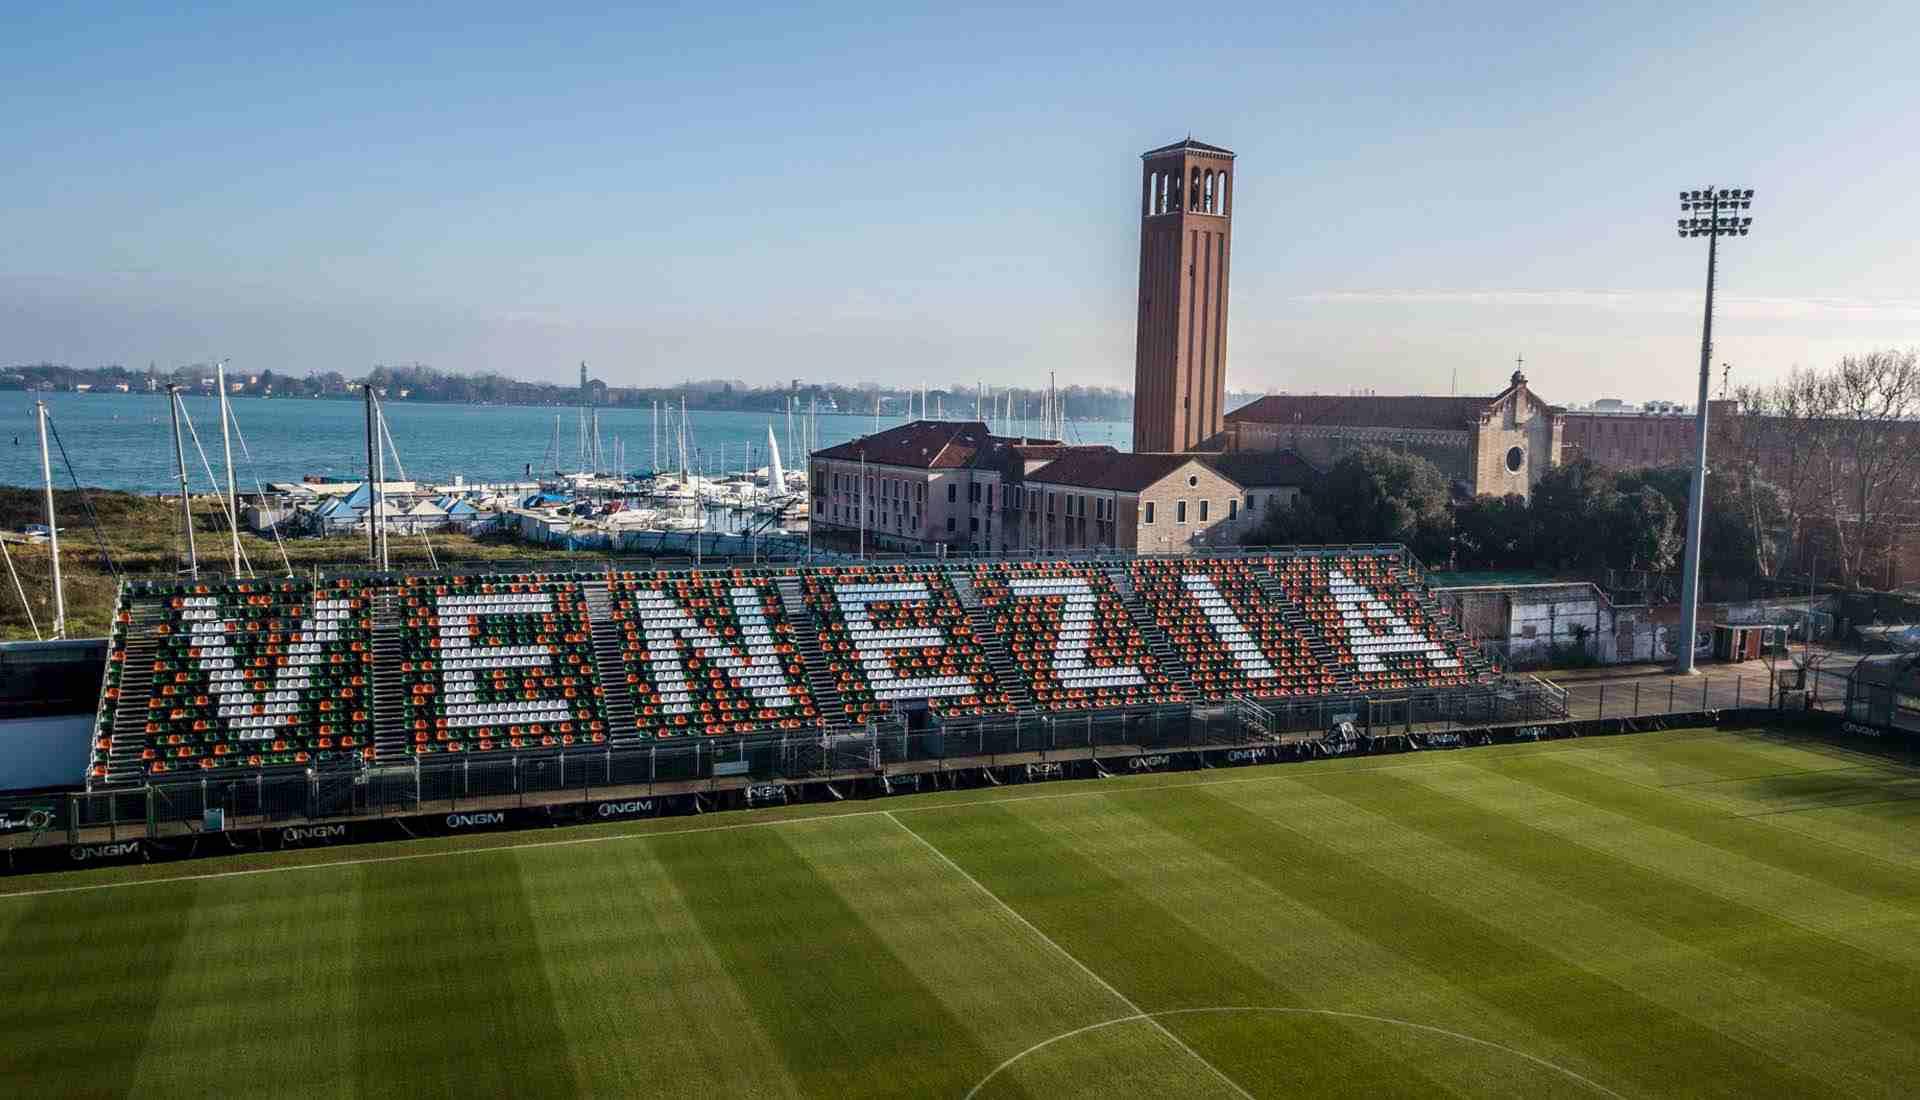 La linda travesía de visitar el estadio del Venezia FC